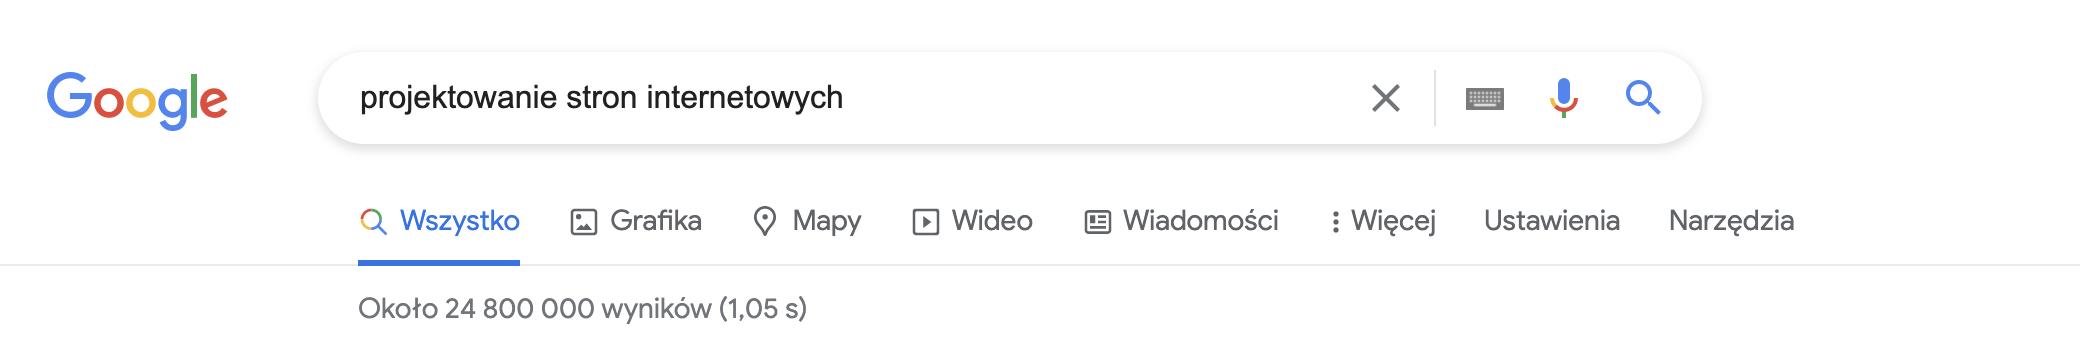 """screenshot z wynikiem wyszukiwania w Google """"projektowanie stron interentowych"""""""